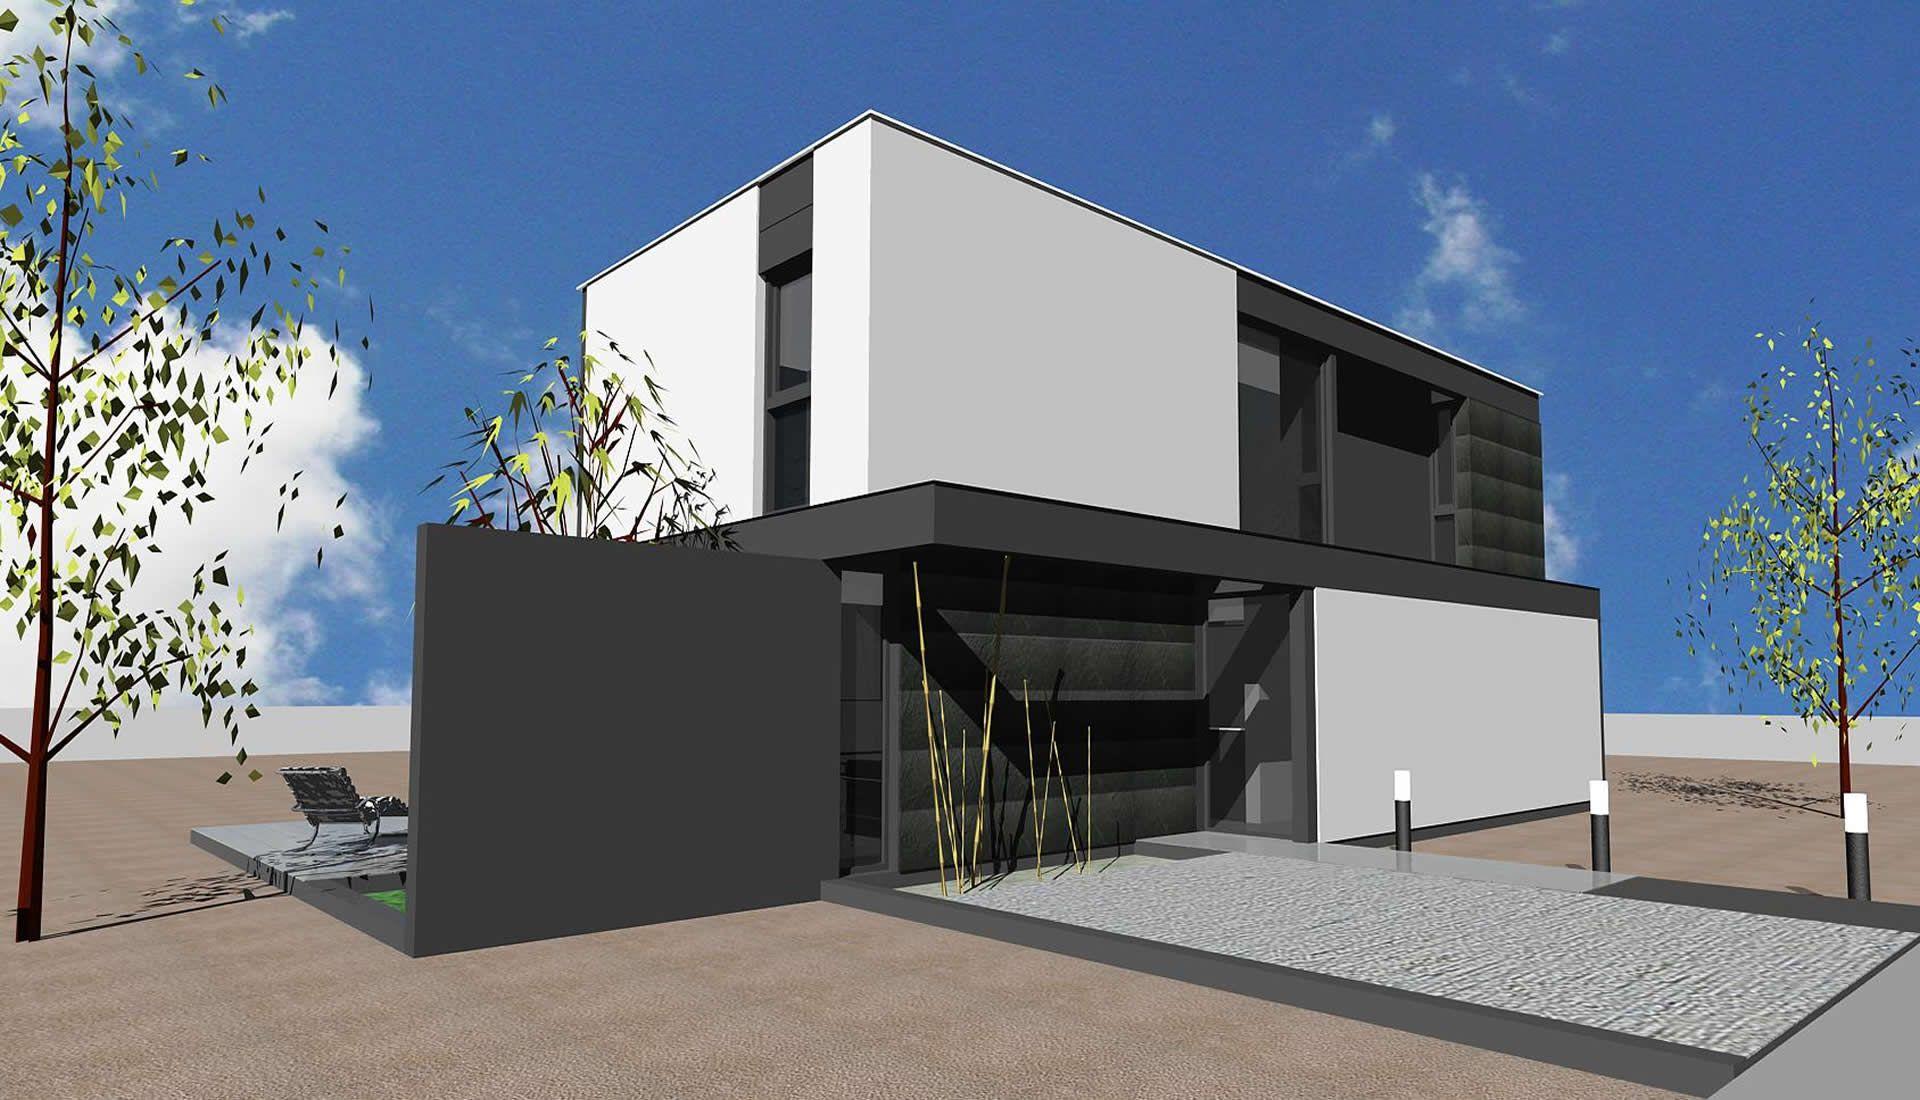 Casas de acero modulares sostenibles y prefabricadas - Casas de acero prefabricadas ...